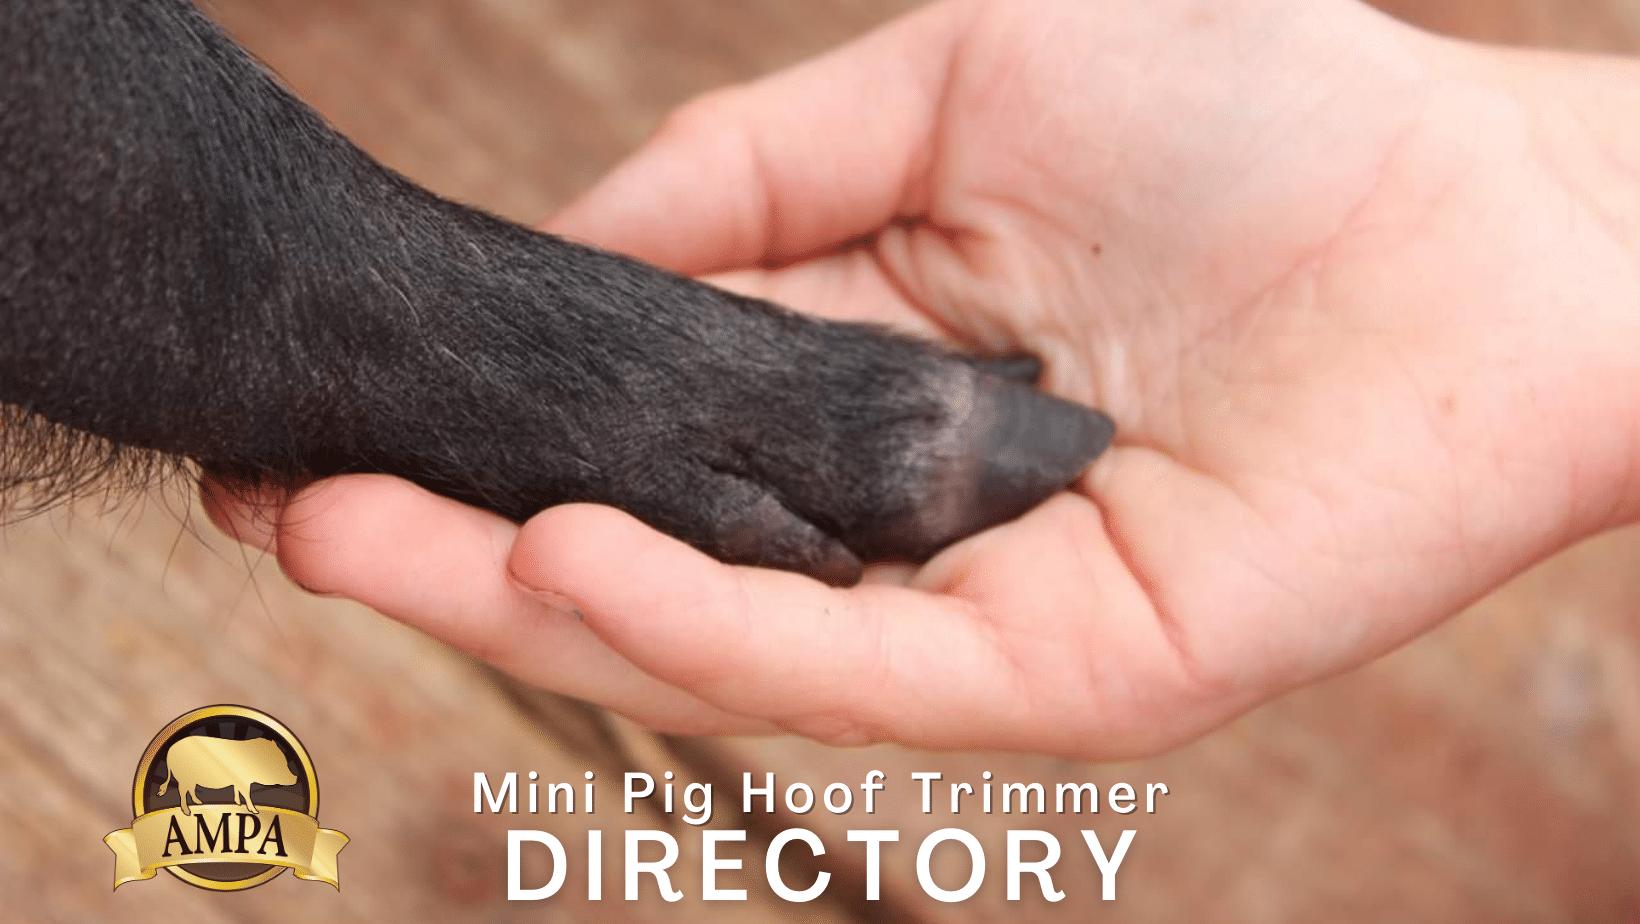 mini pig hoof trimmer directory